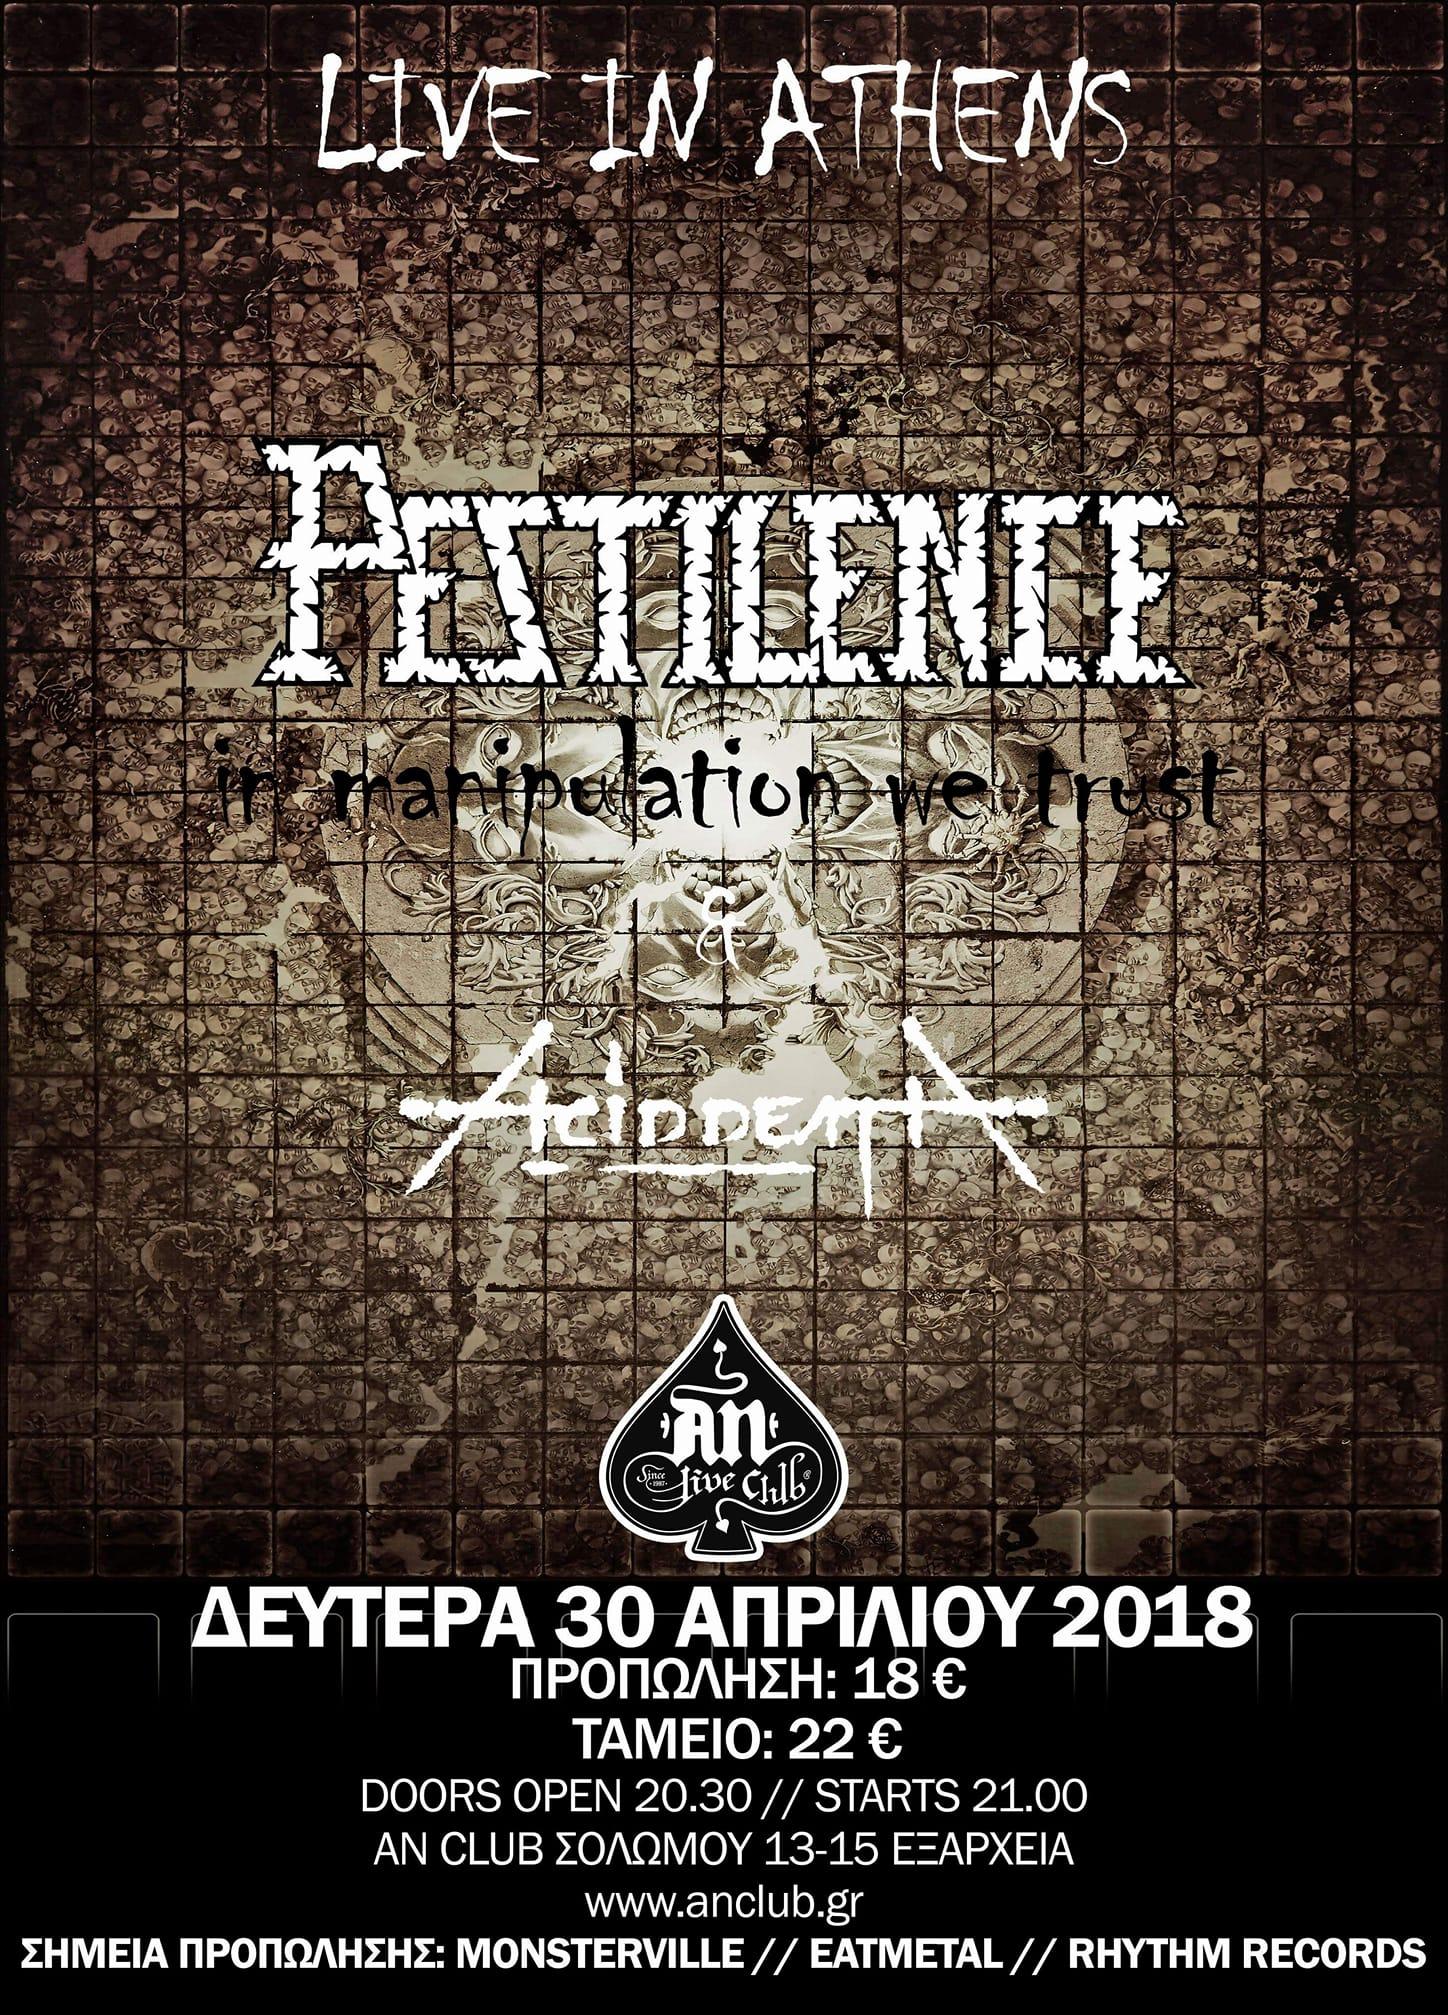 PESTILENCE - ACID DEATH, April 2018